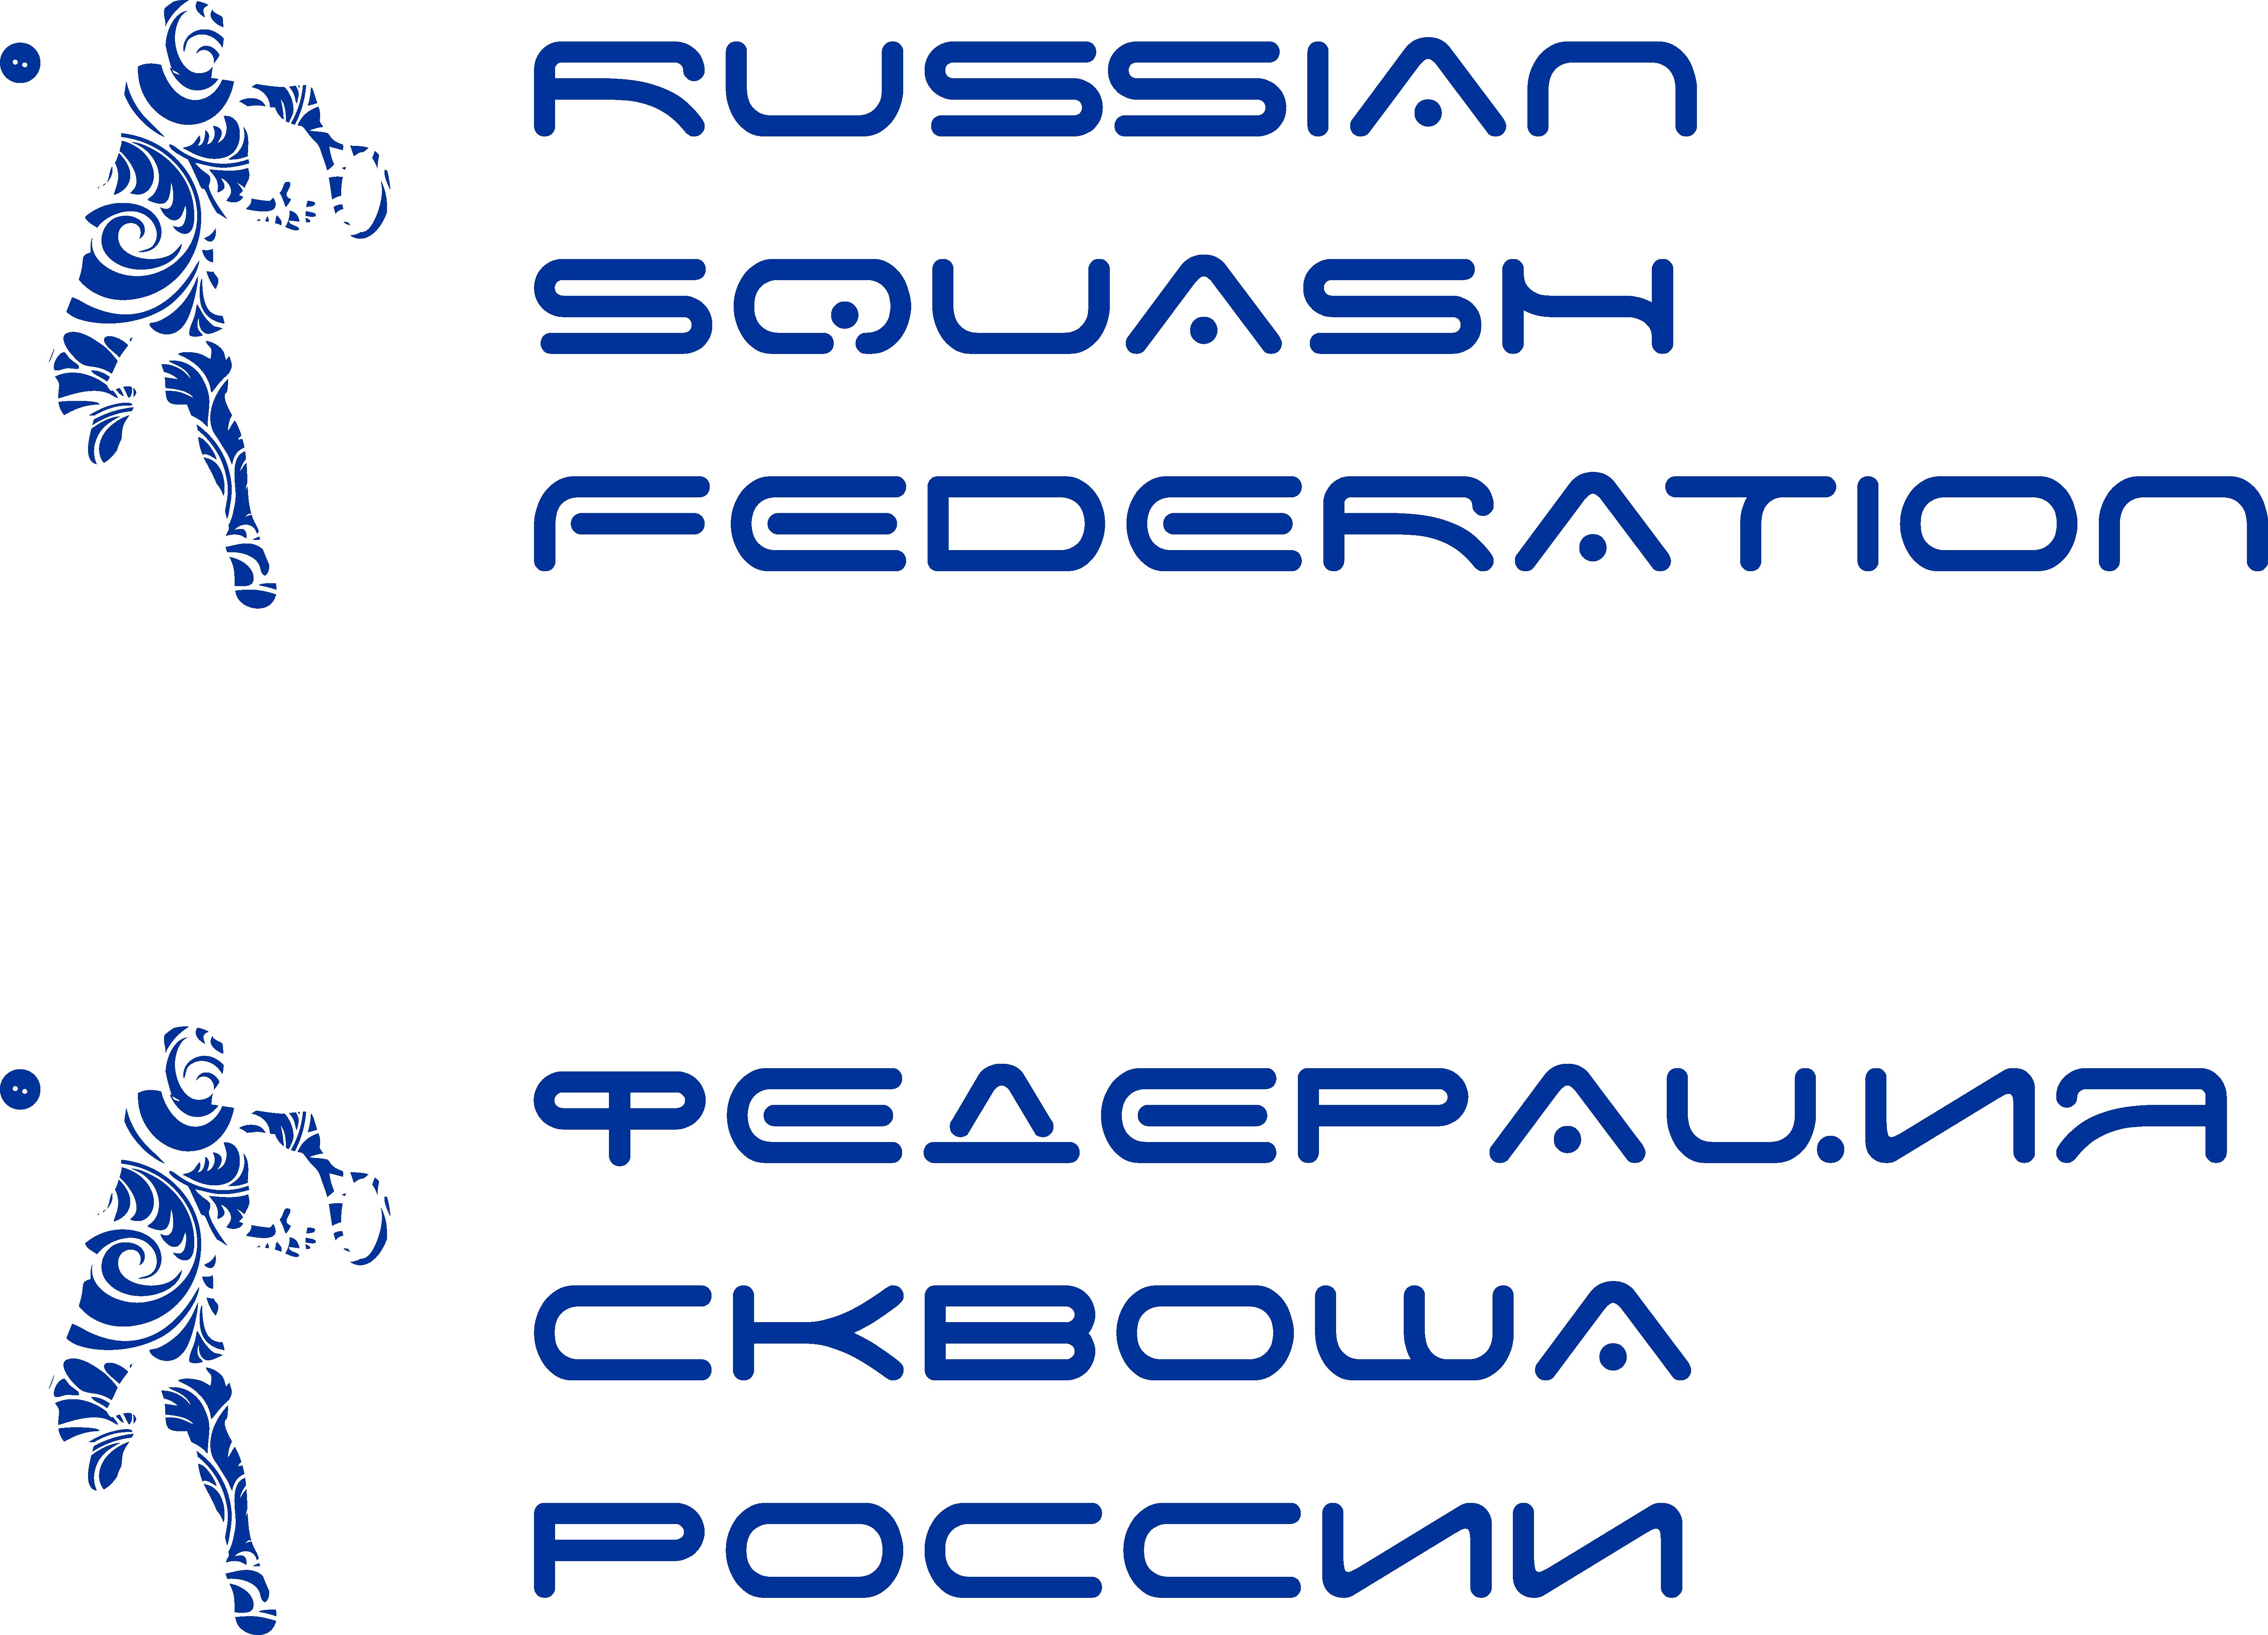 Разработать логотип для Федерации сквоша России фото f_0095f31546cb1578.png